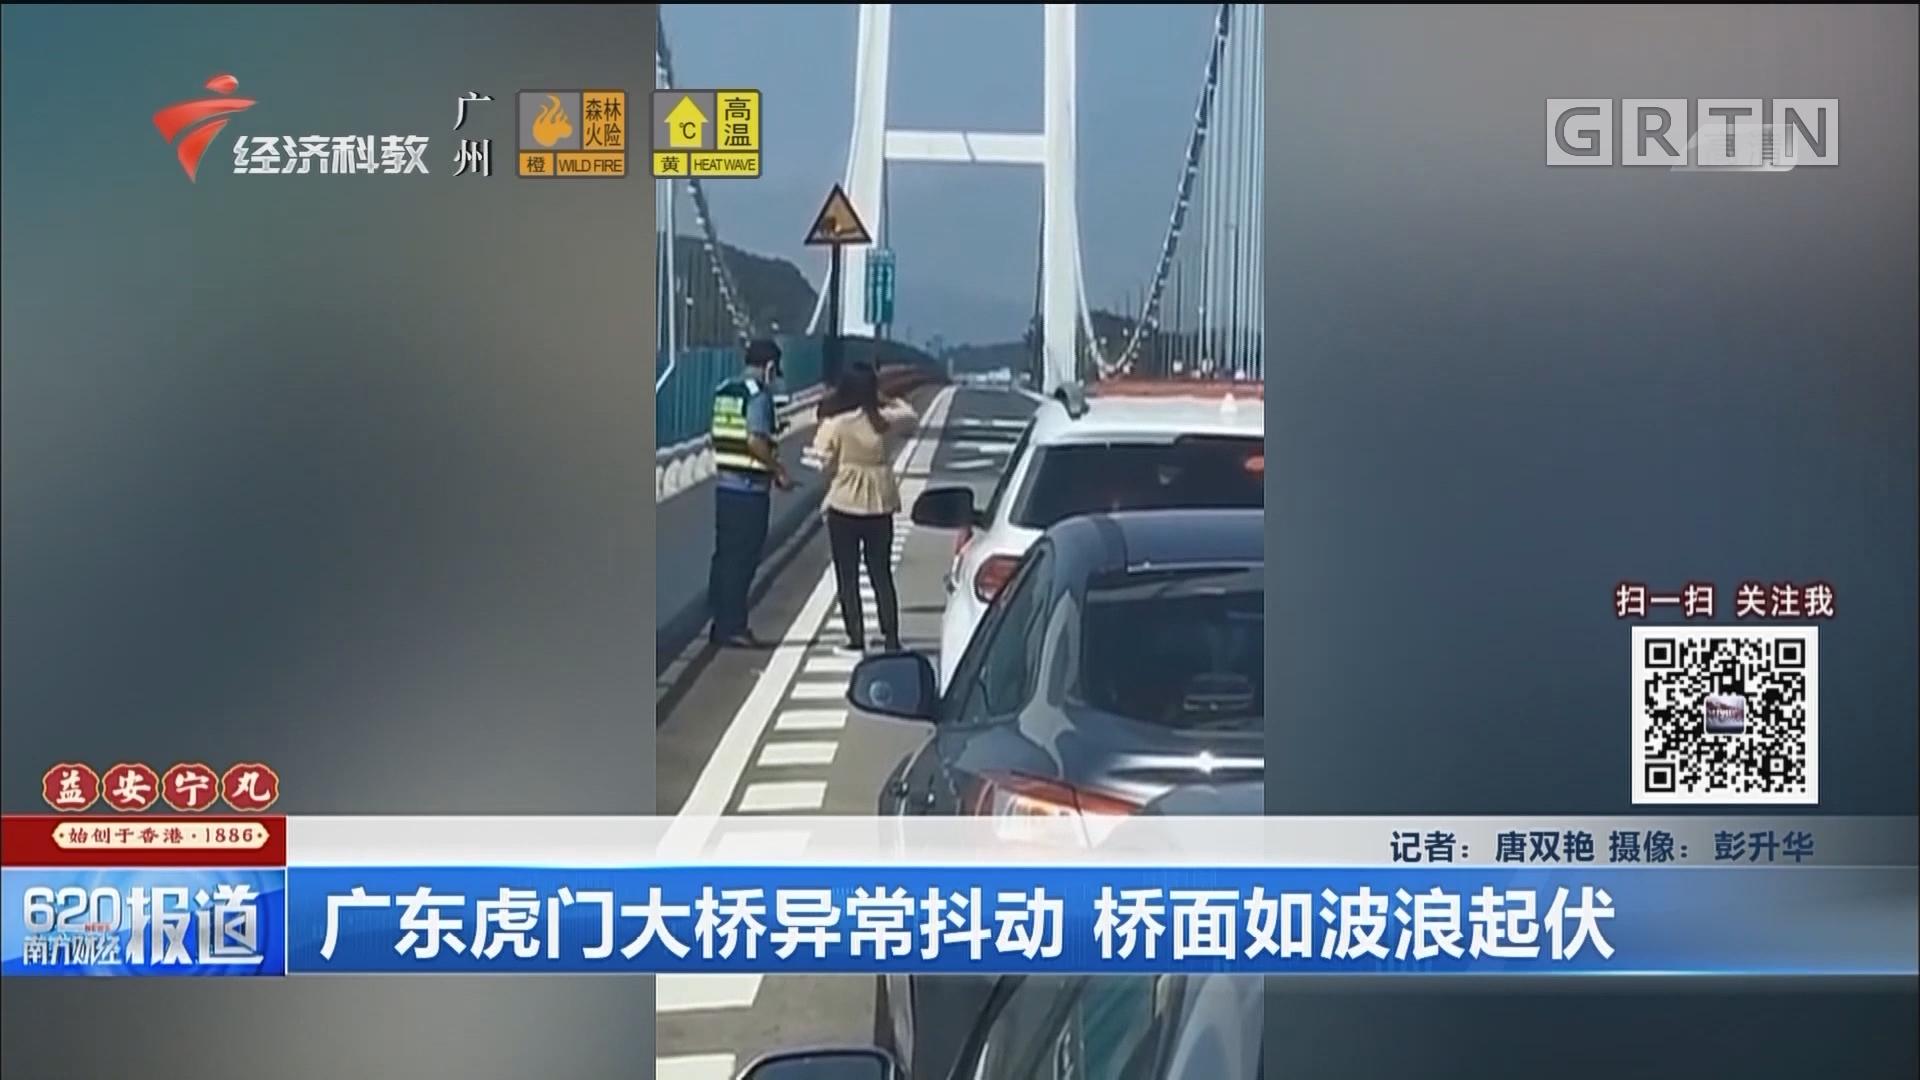 廣東虎門大橋異常抖動 橋面如波浪起伏